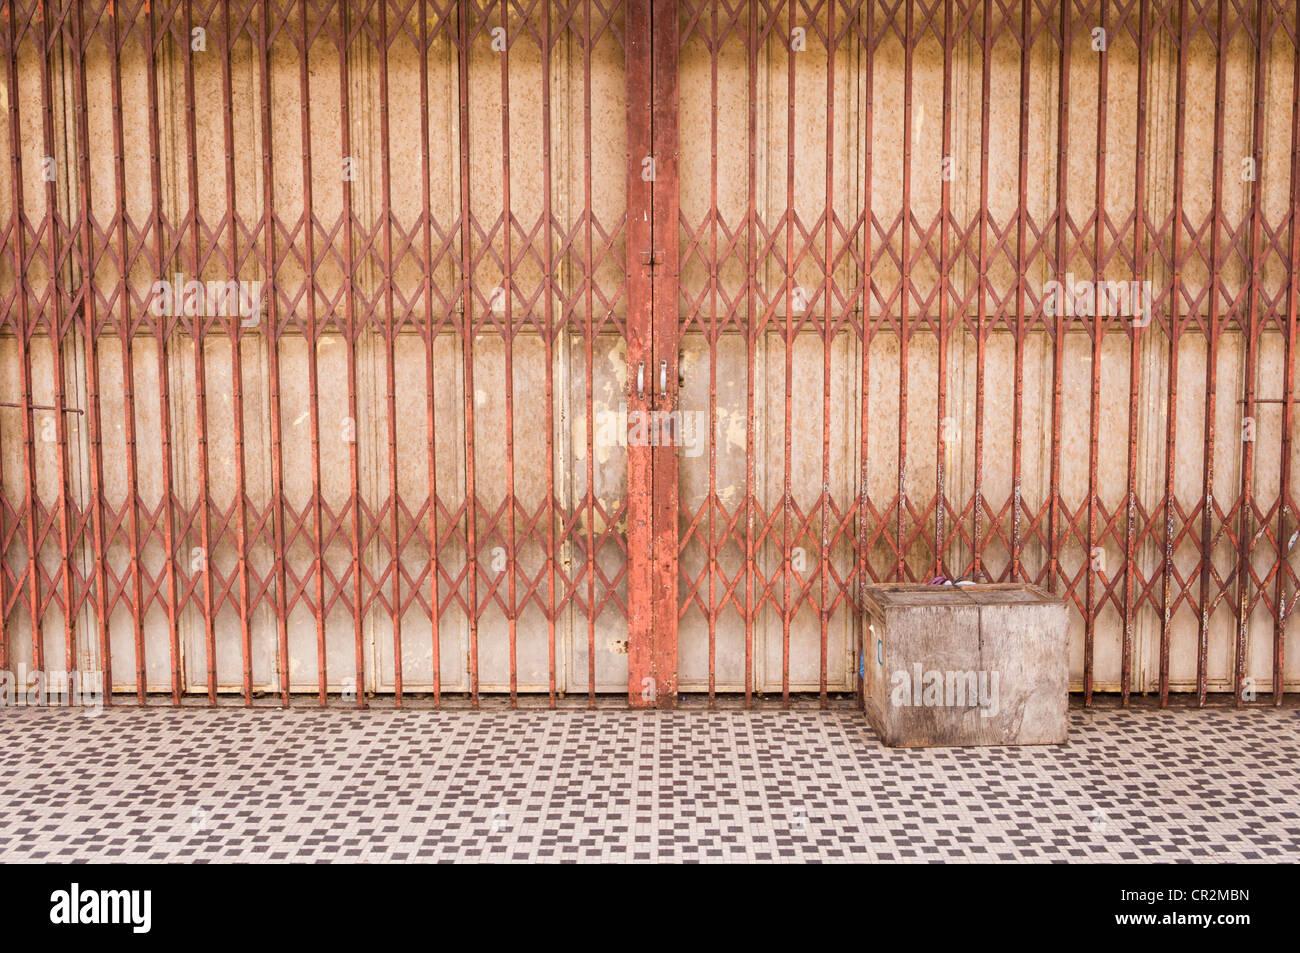 ein altes Tor in altmodischen Shop für retro oder nostalgisch Hintergründe. Foto ist in Malaysia, Asien. Stockbild